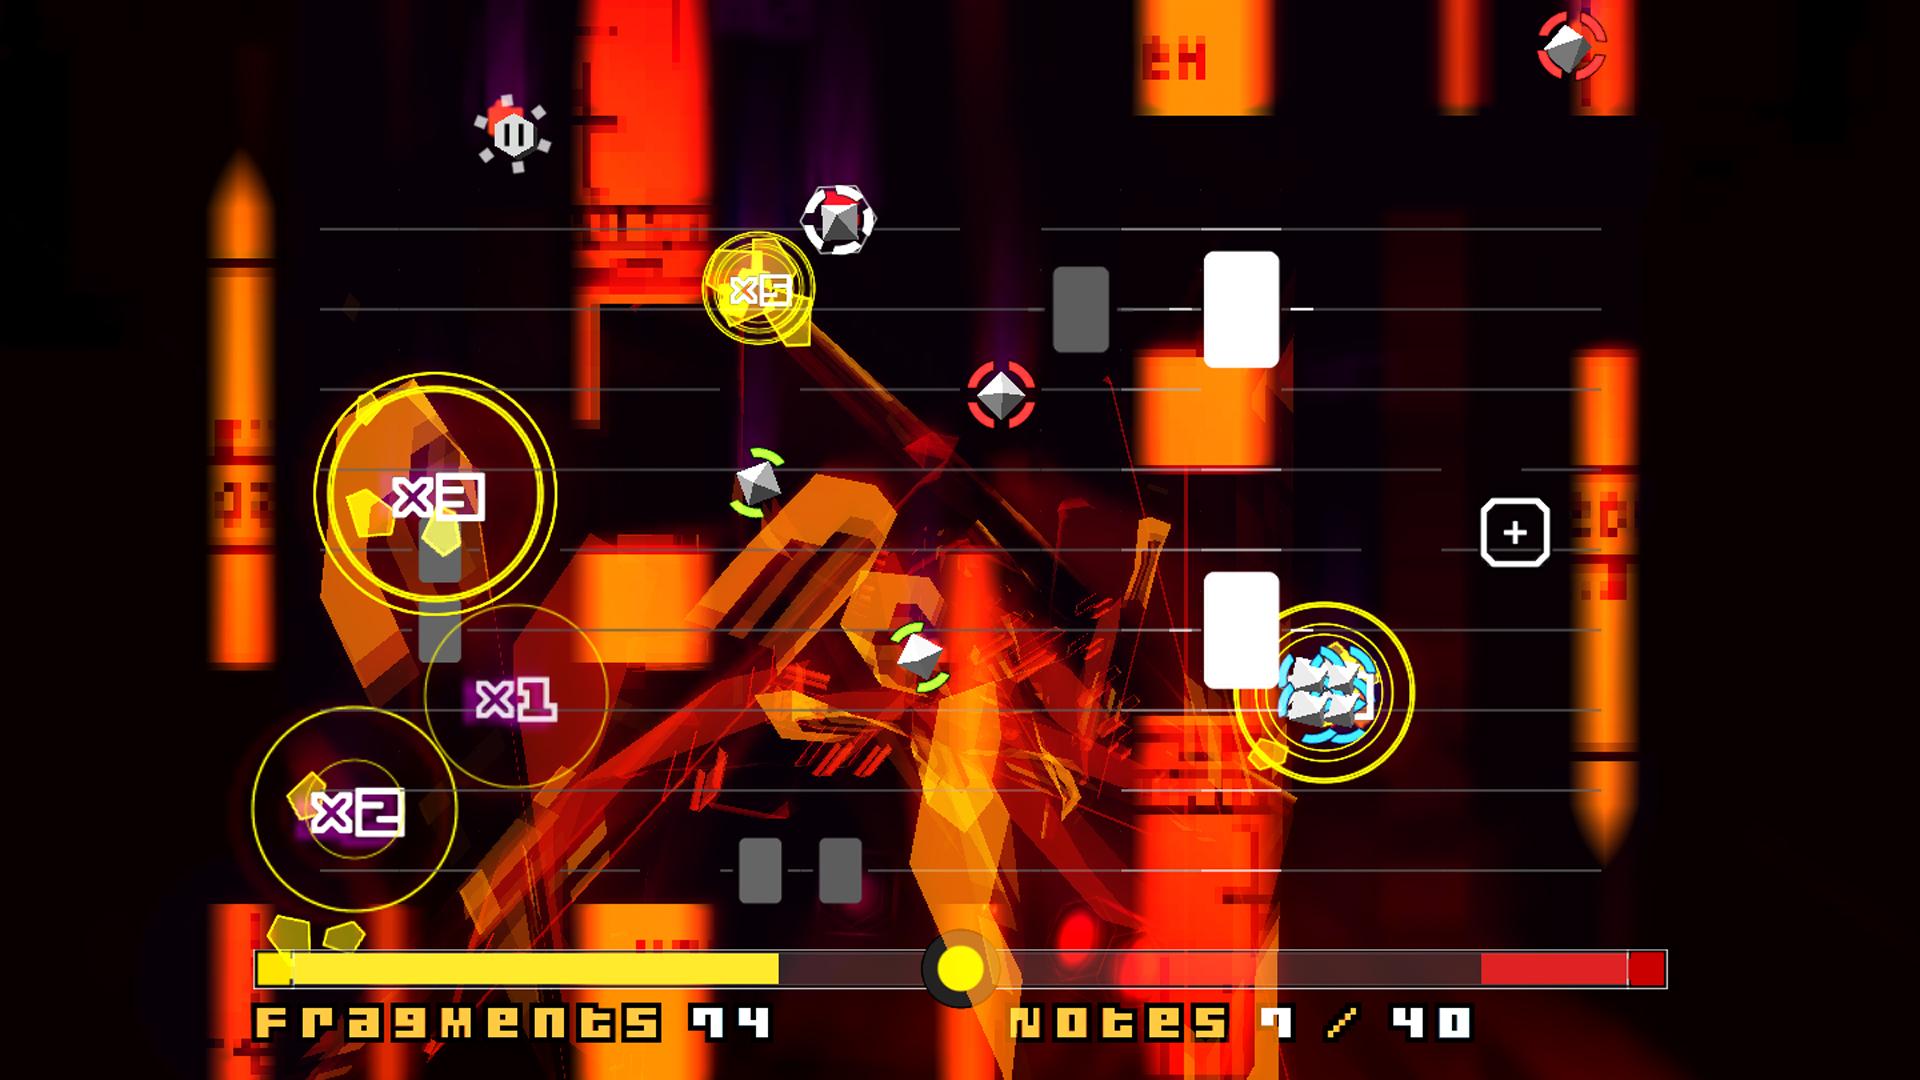 AVSEQ screenshot